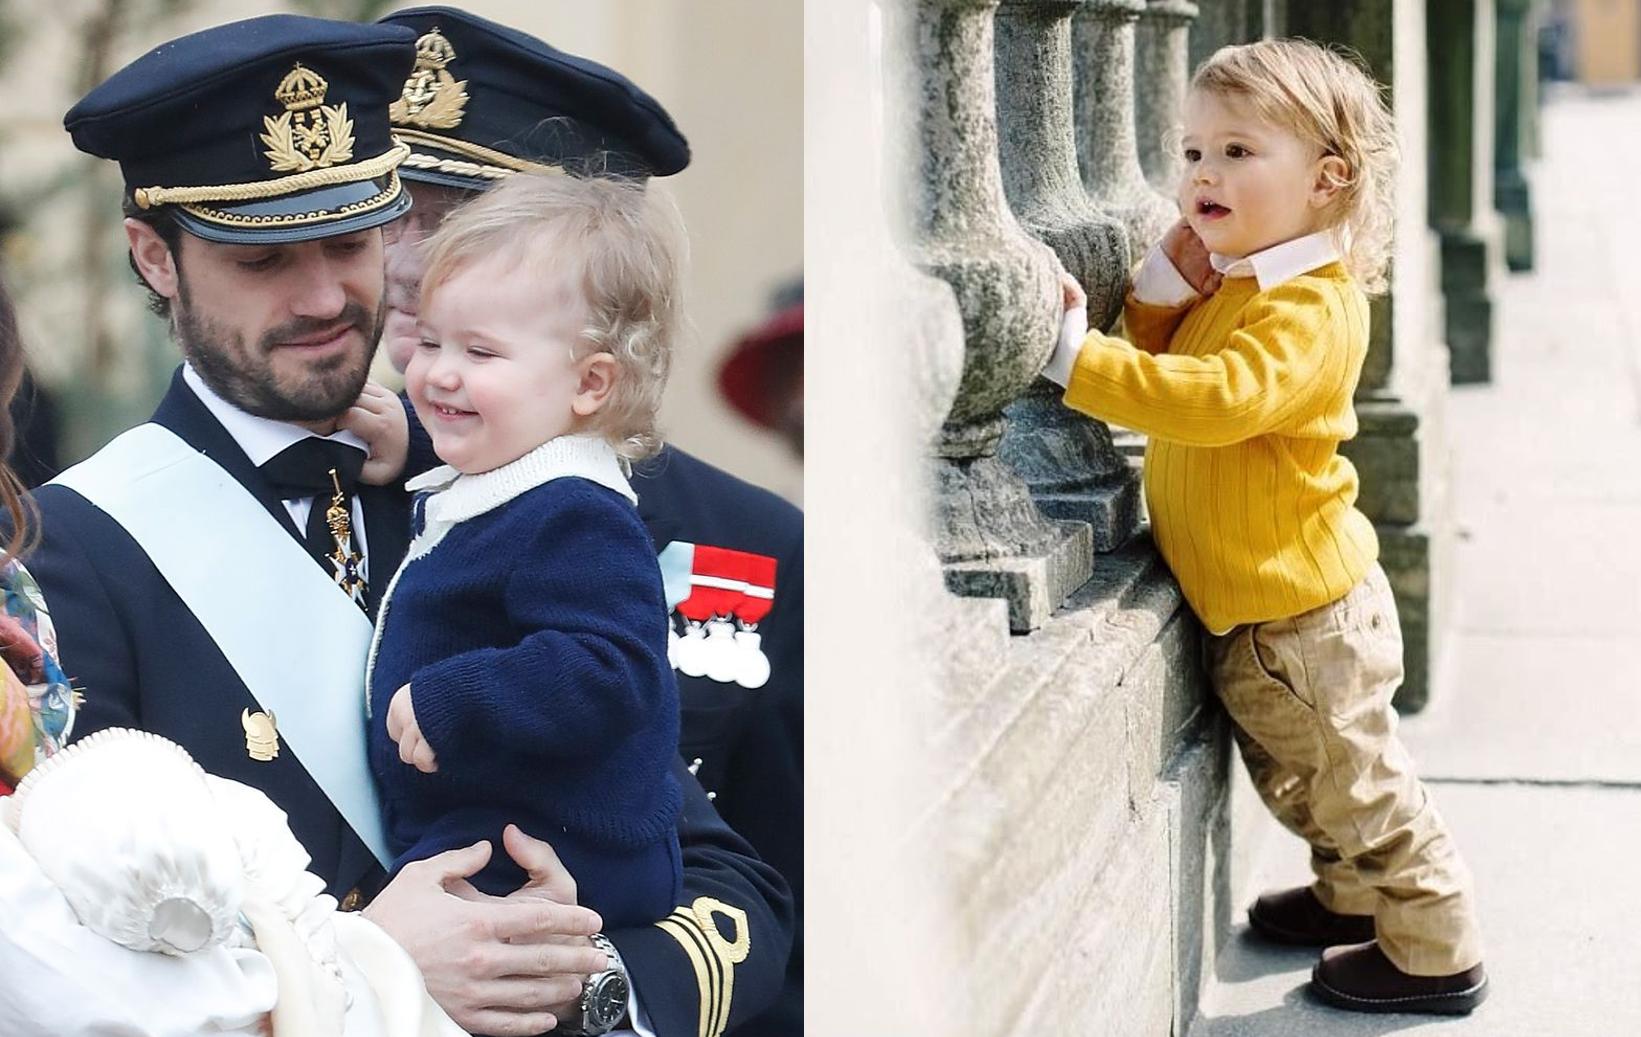 Không chỉ Hoàng gia Anh, còn rất nhiều tiểu Hoàng tử và Công chúa trên thế giới khiến ai cũng xuýt xoa vì dễ thương 1